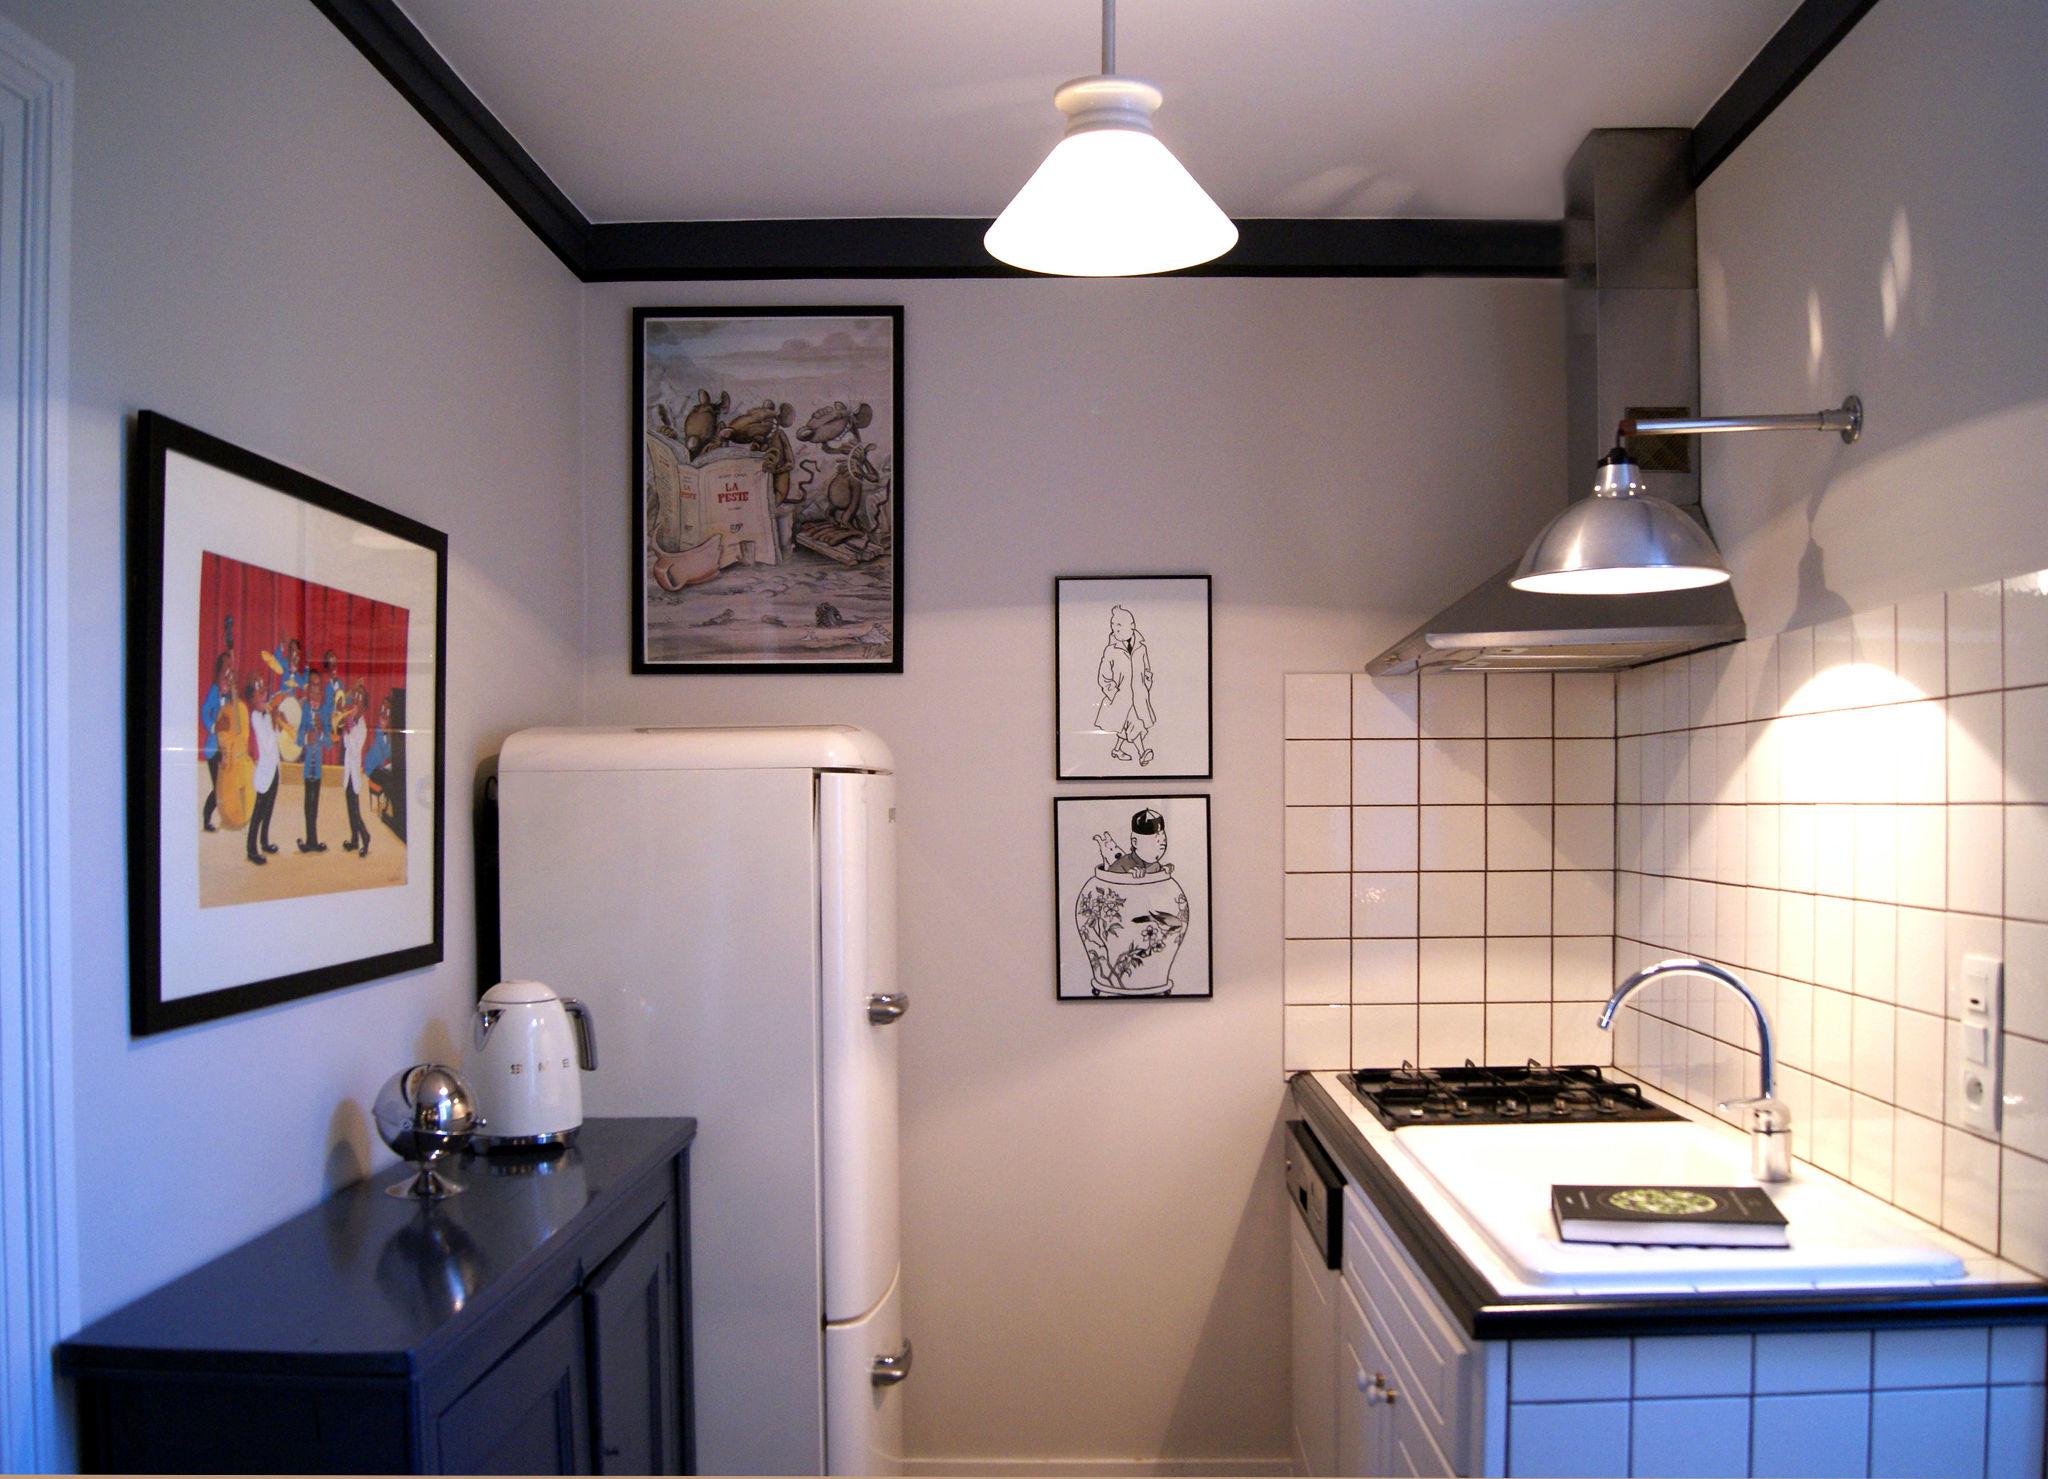 evier cuisine retro cuisine rtro cuisine rtro cuisine rtro eviers spciaux luisiquartz bac rf. Black Bedroom Furniture Sets. Home Design Ideas